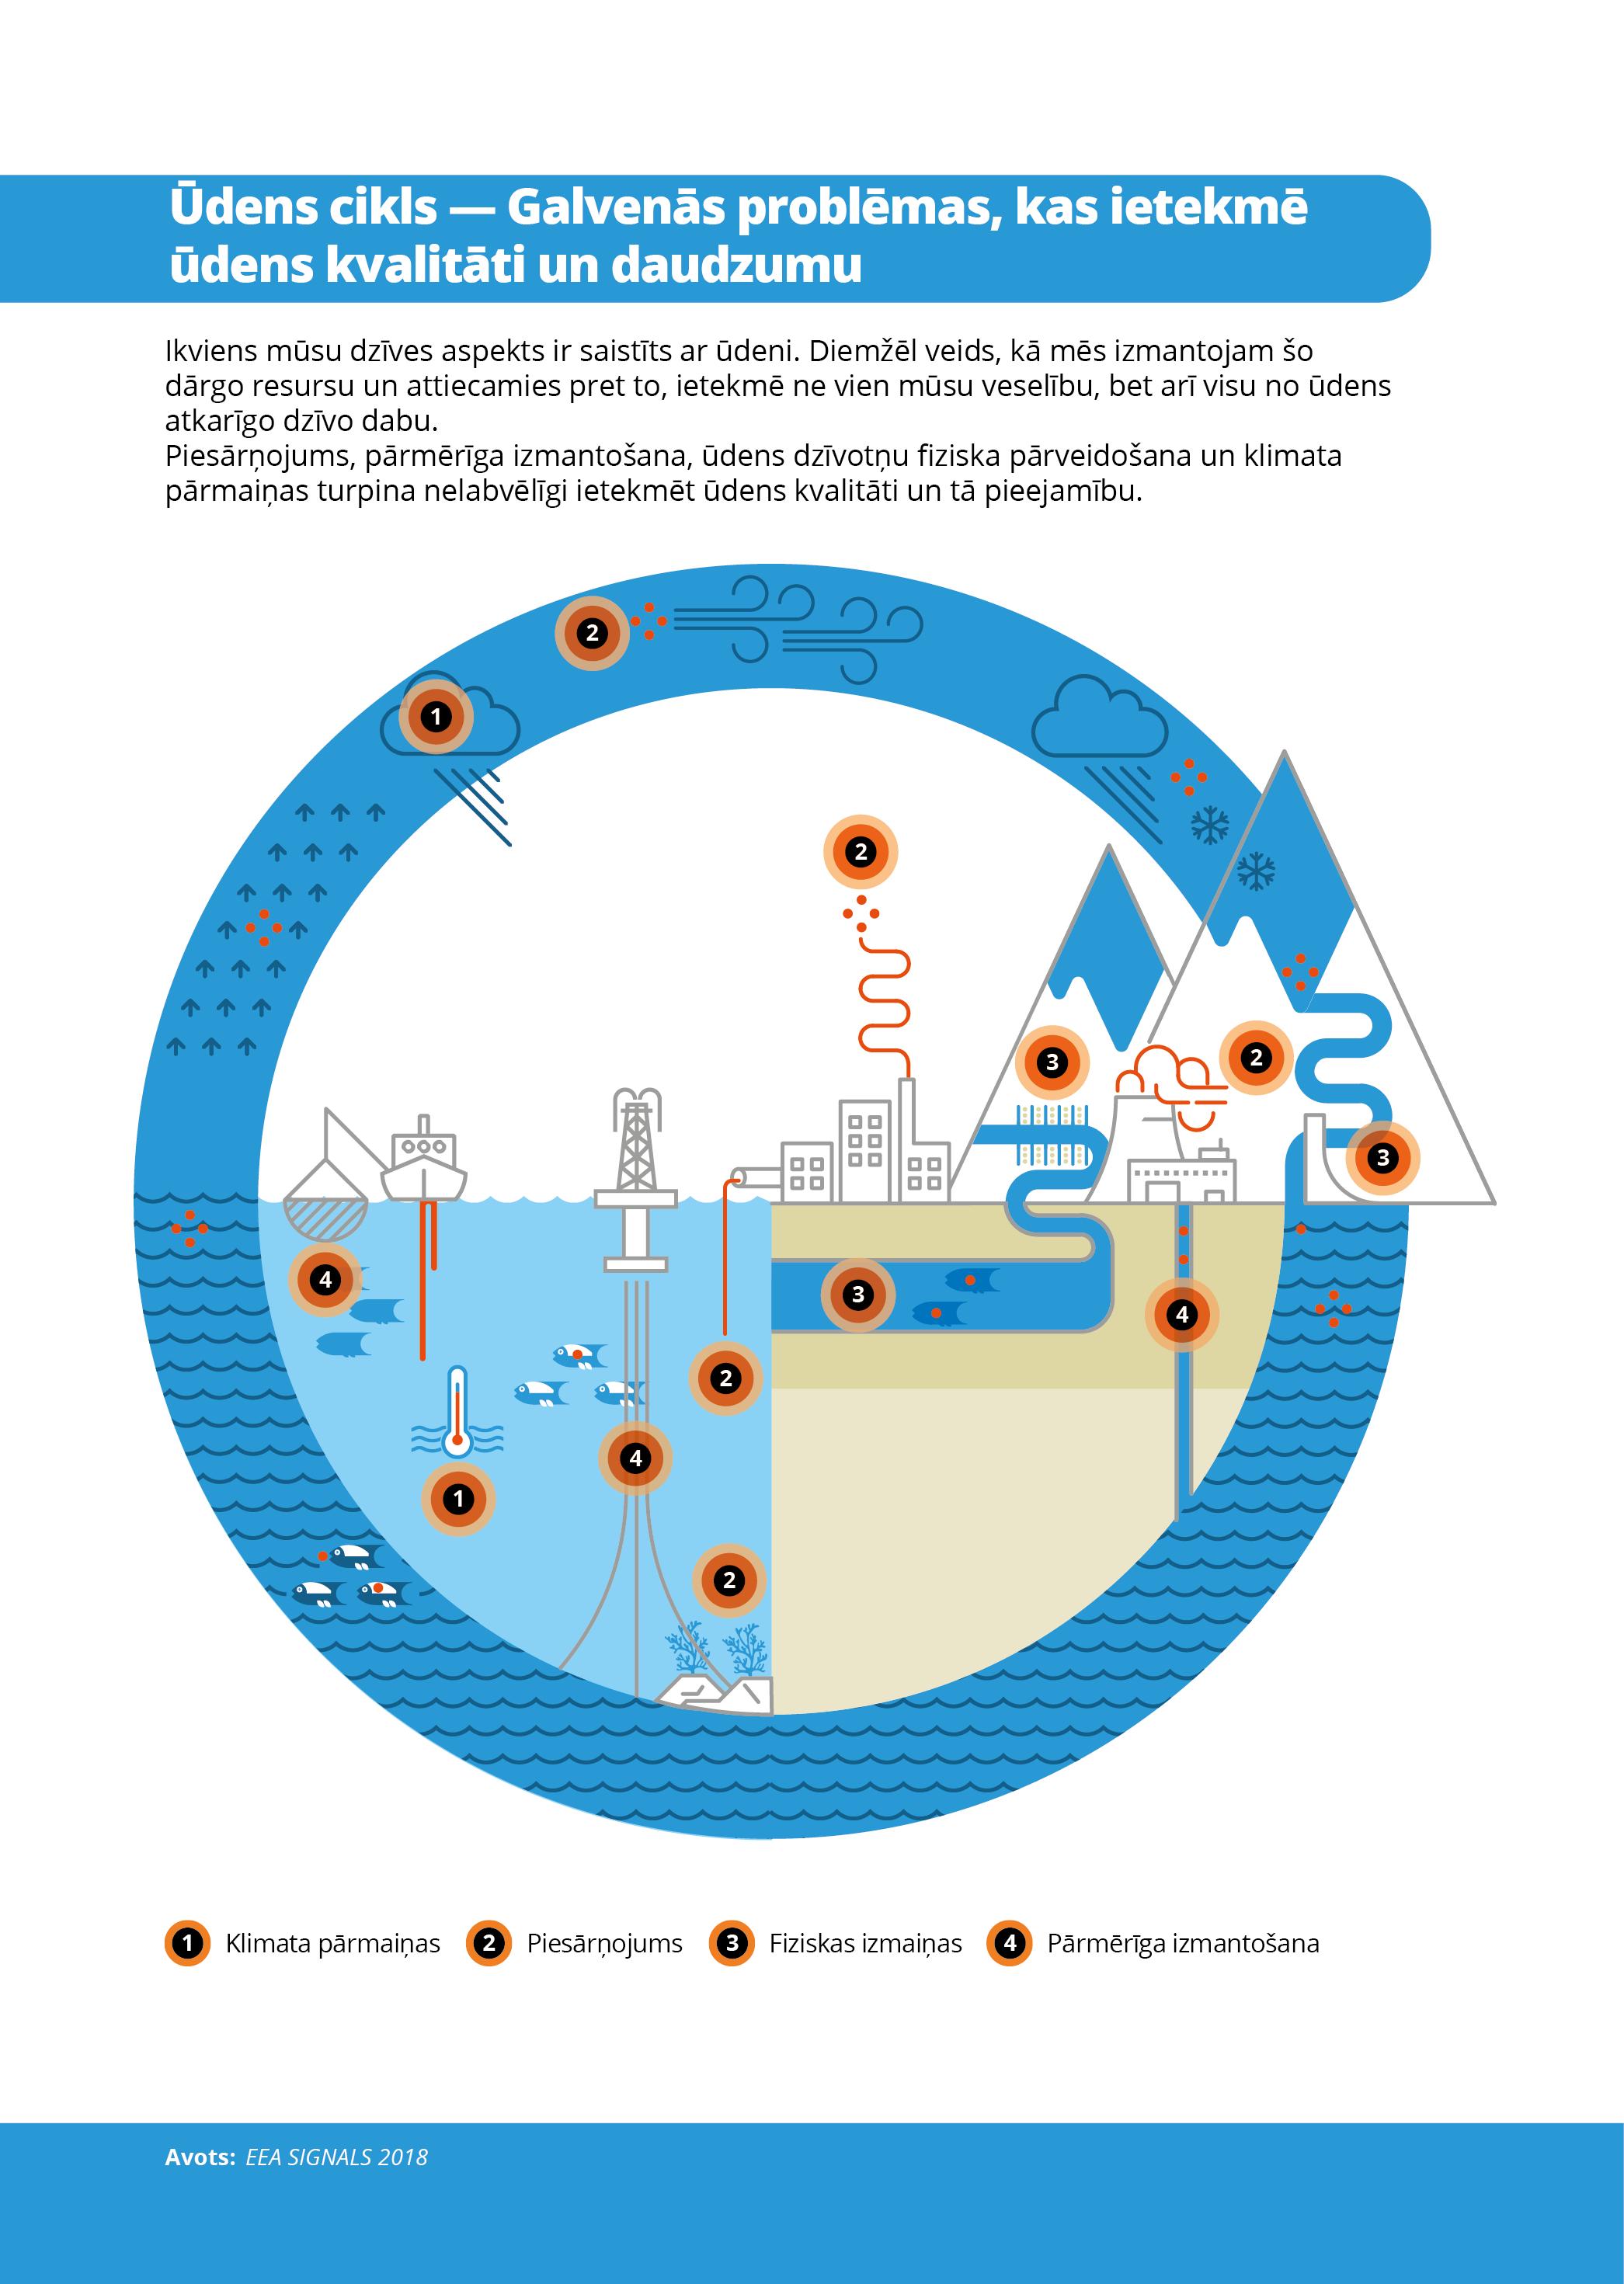 Ūdens cikls — Galvenās problēmas, kas ietekmē ūdens kvalitāti un daudzumu